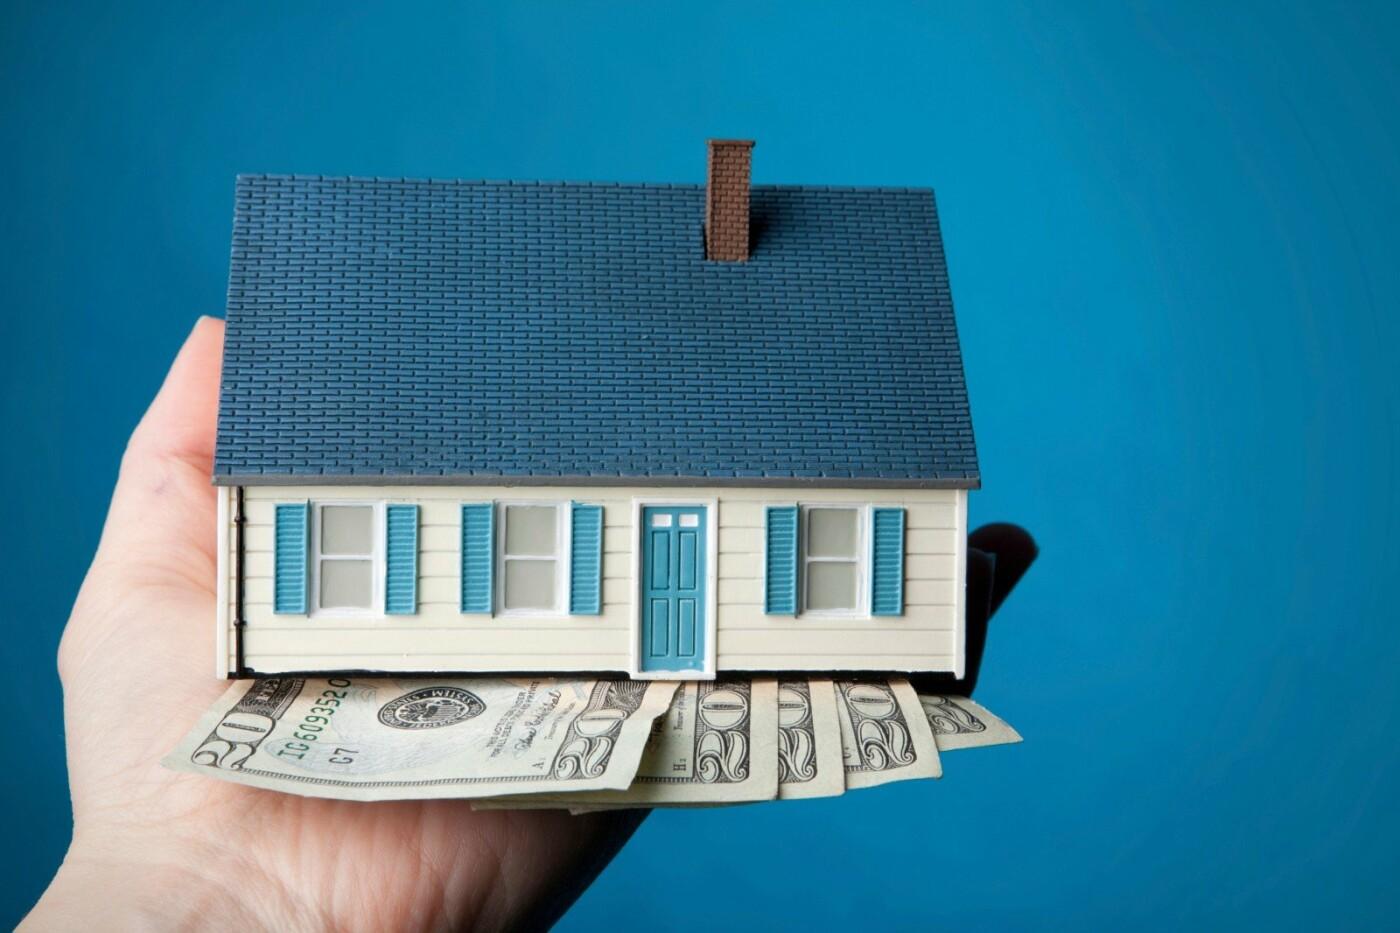 Кредит под залог авто и недвижимости: жители Бердянска могут получить до миллиона гривен наличными, фото-2